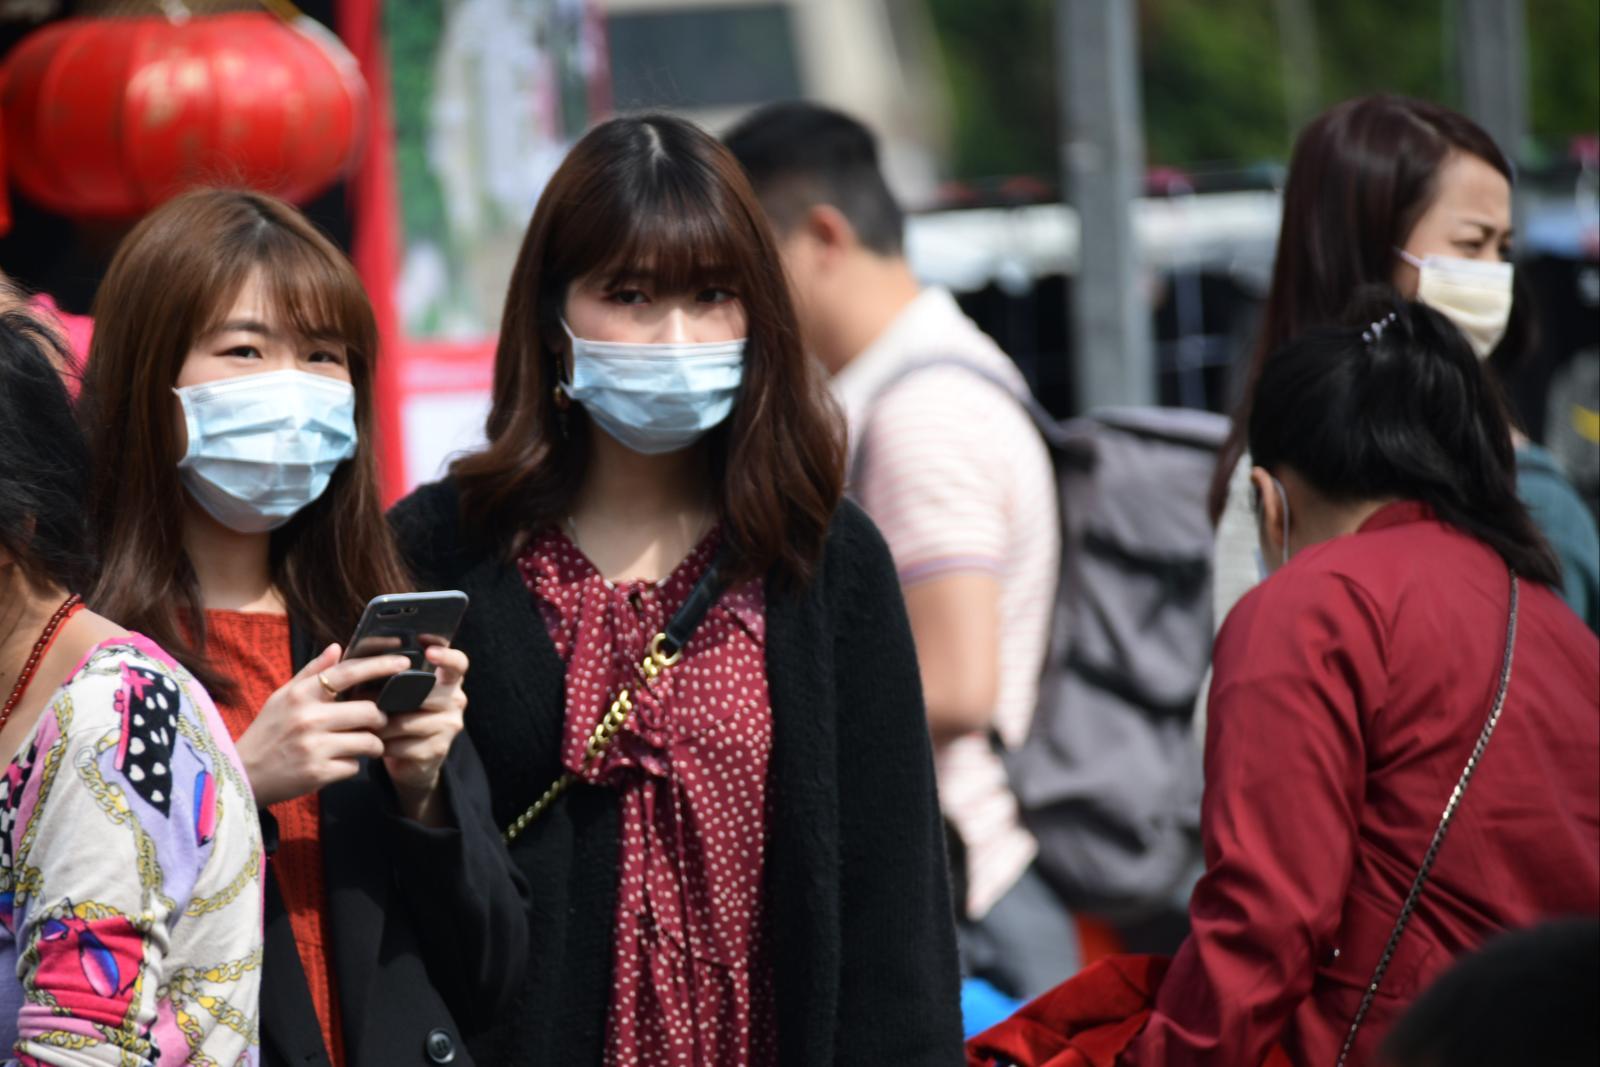 【新冠肺炎】陈健波:封口岸属极端措施 一家人勿随便叫停